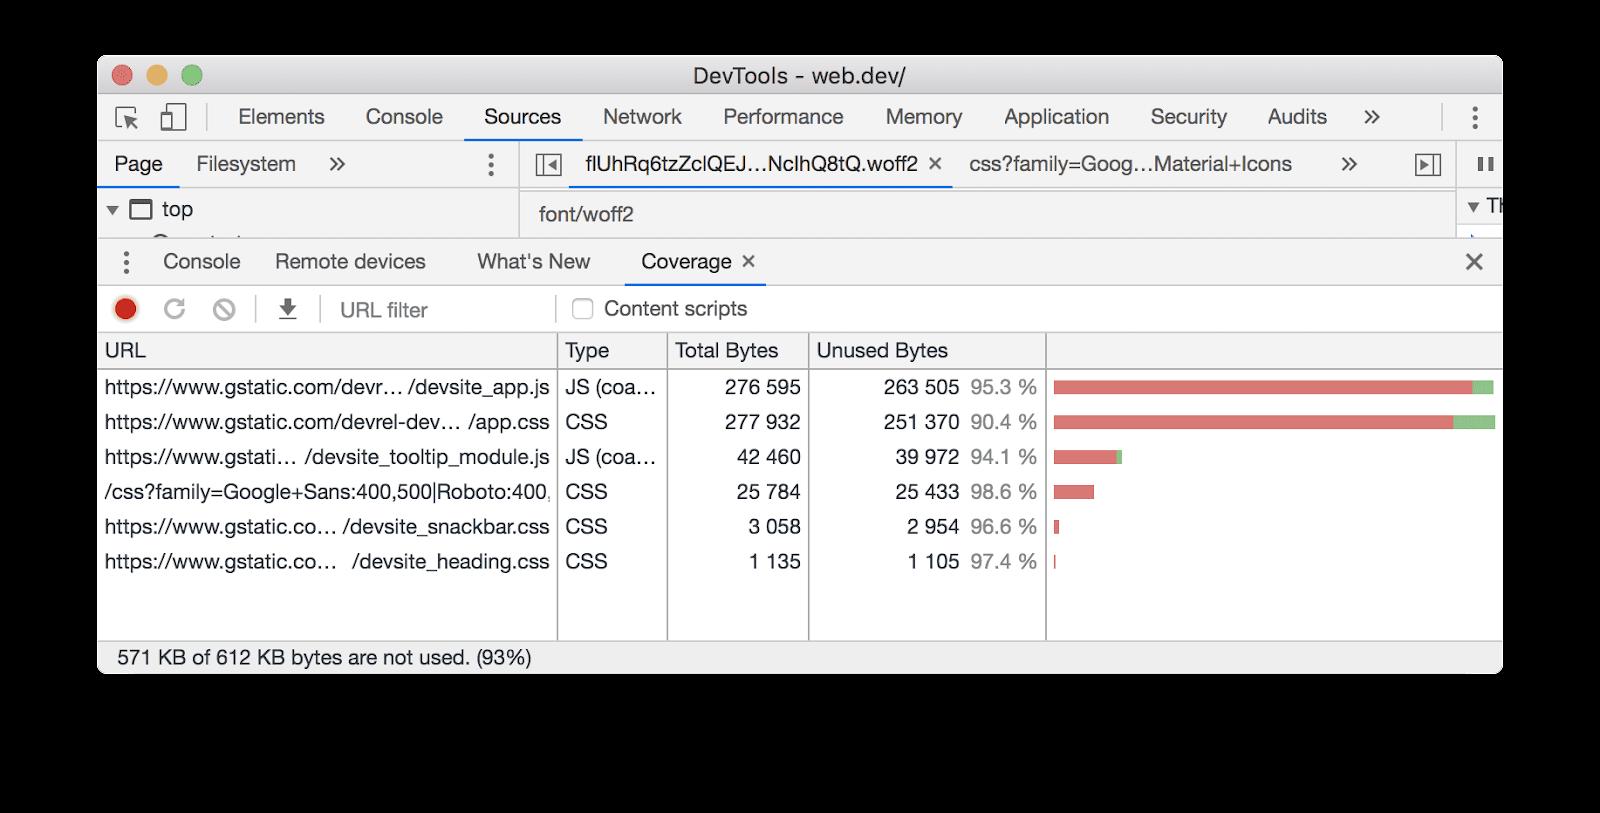 công cụ DevTools